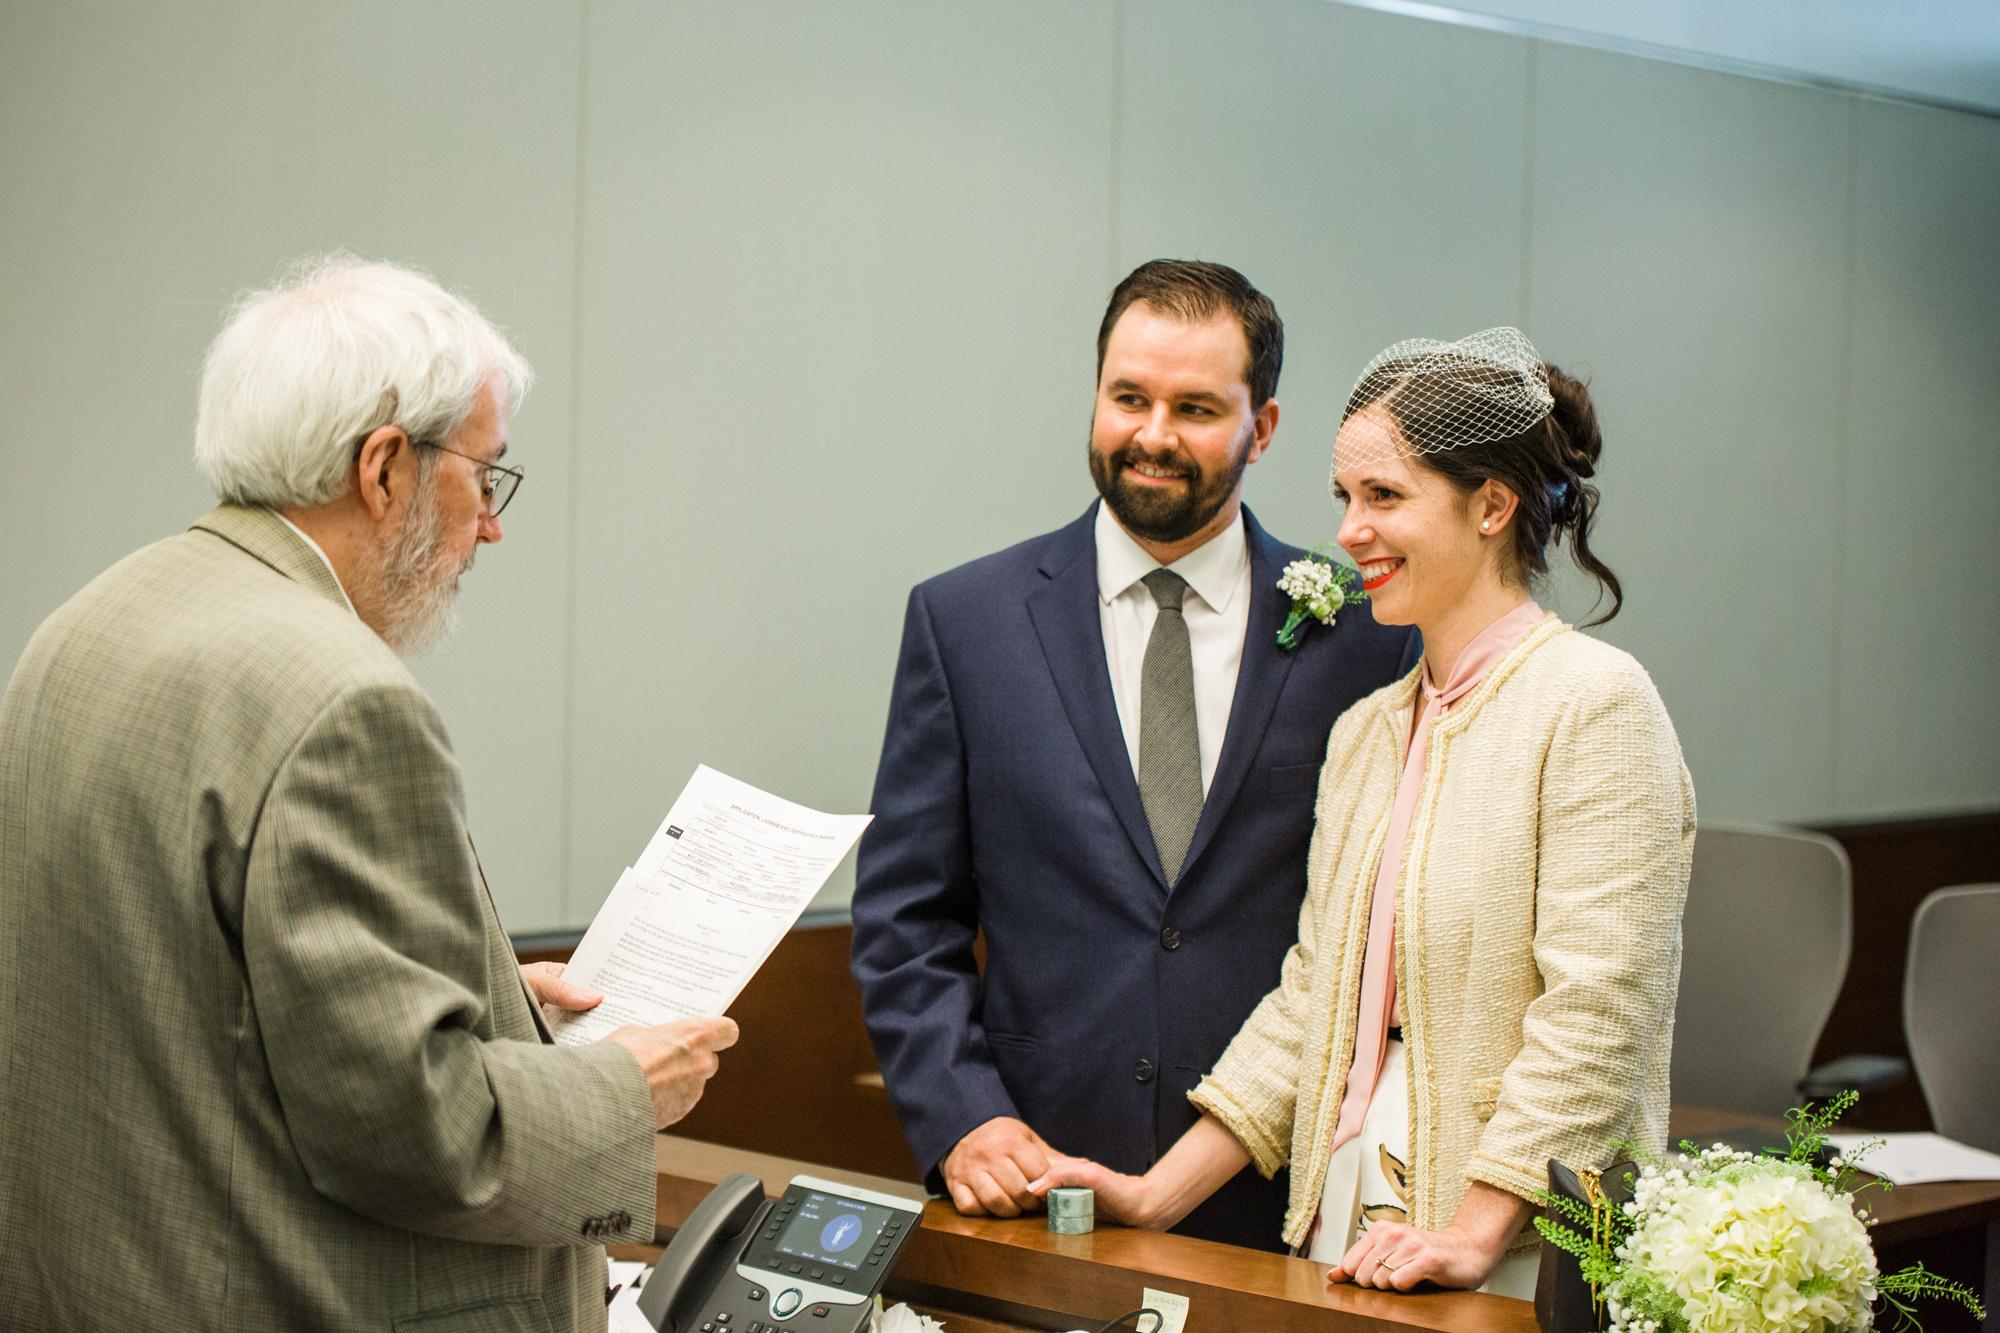 2018_10_17_mowita_drew_durham_courthouse_wedding-6820.jpg